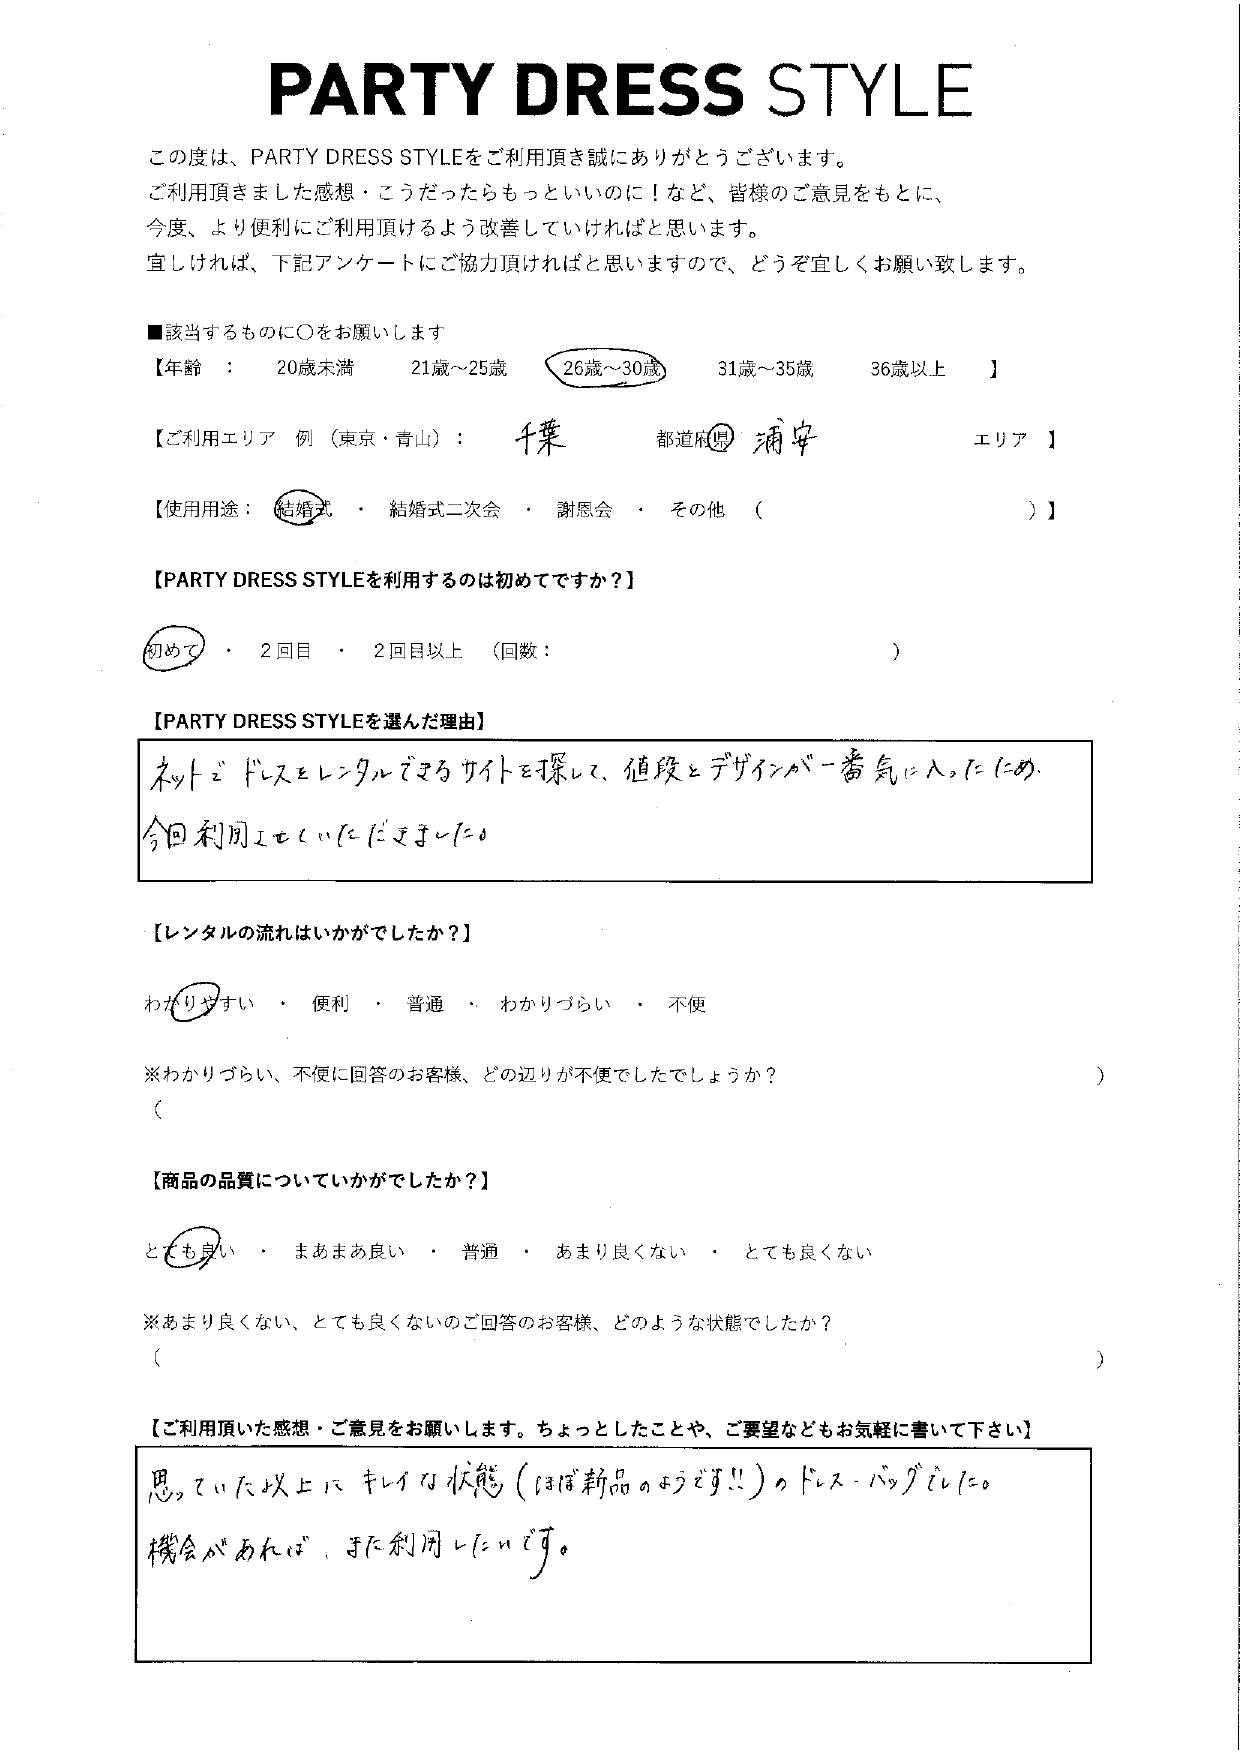 11/8結婚式ご利用 千葉・浦安エリア